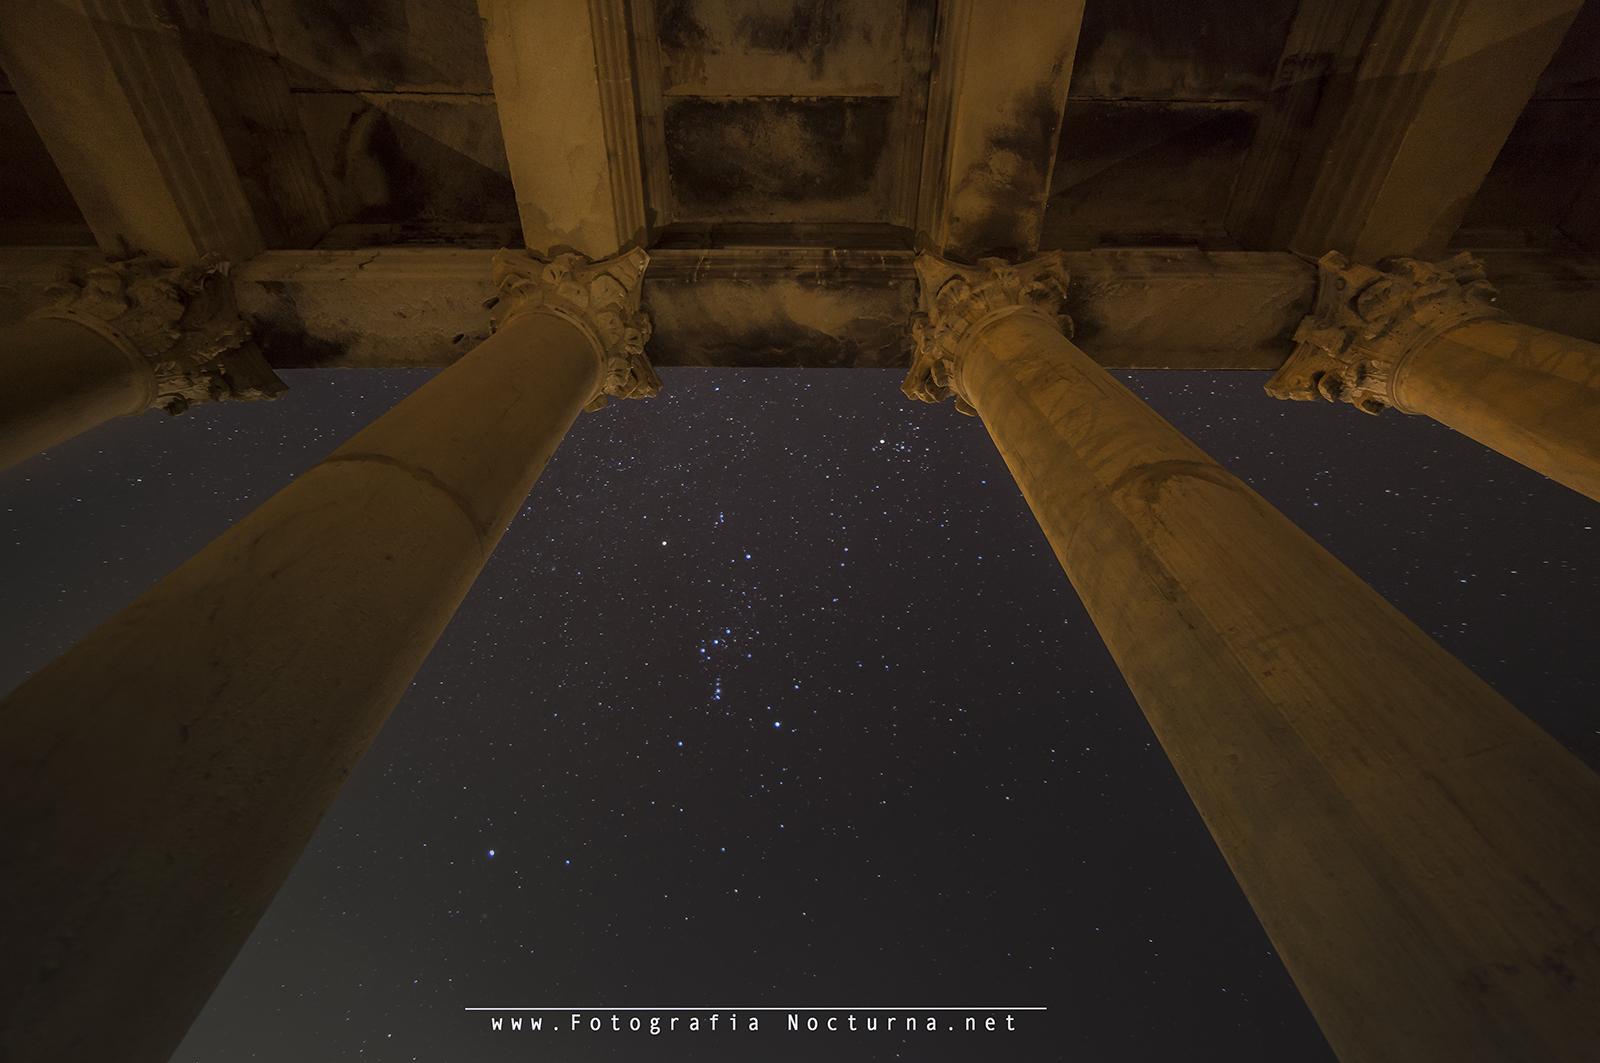 La constelación de Orion